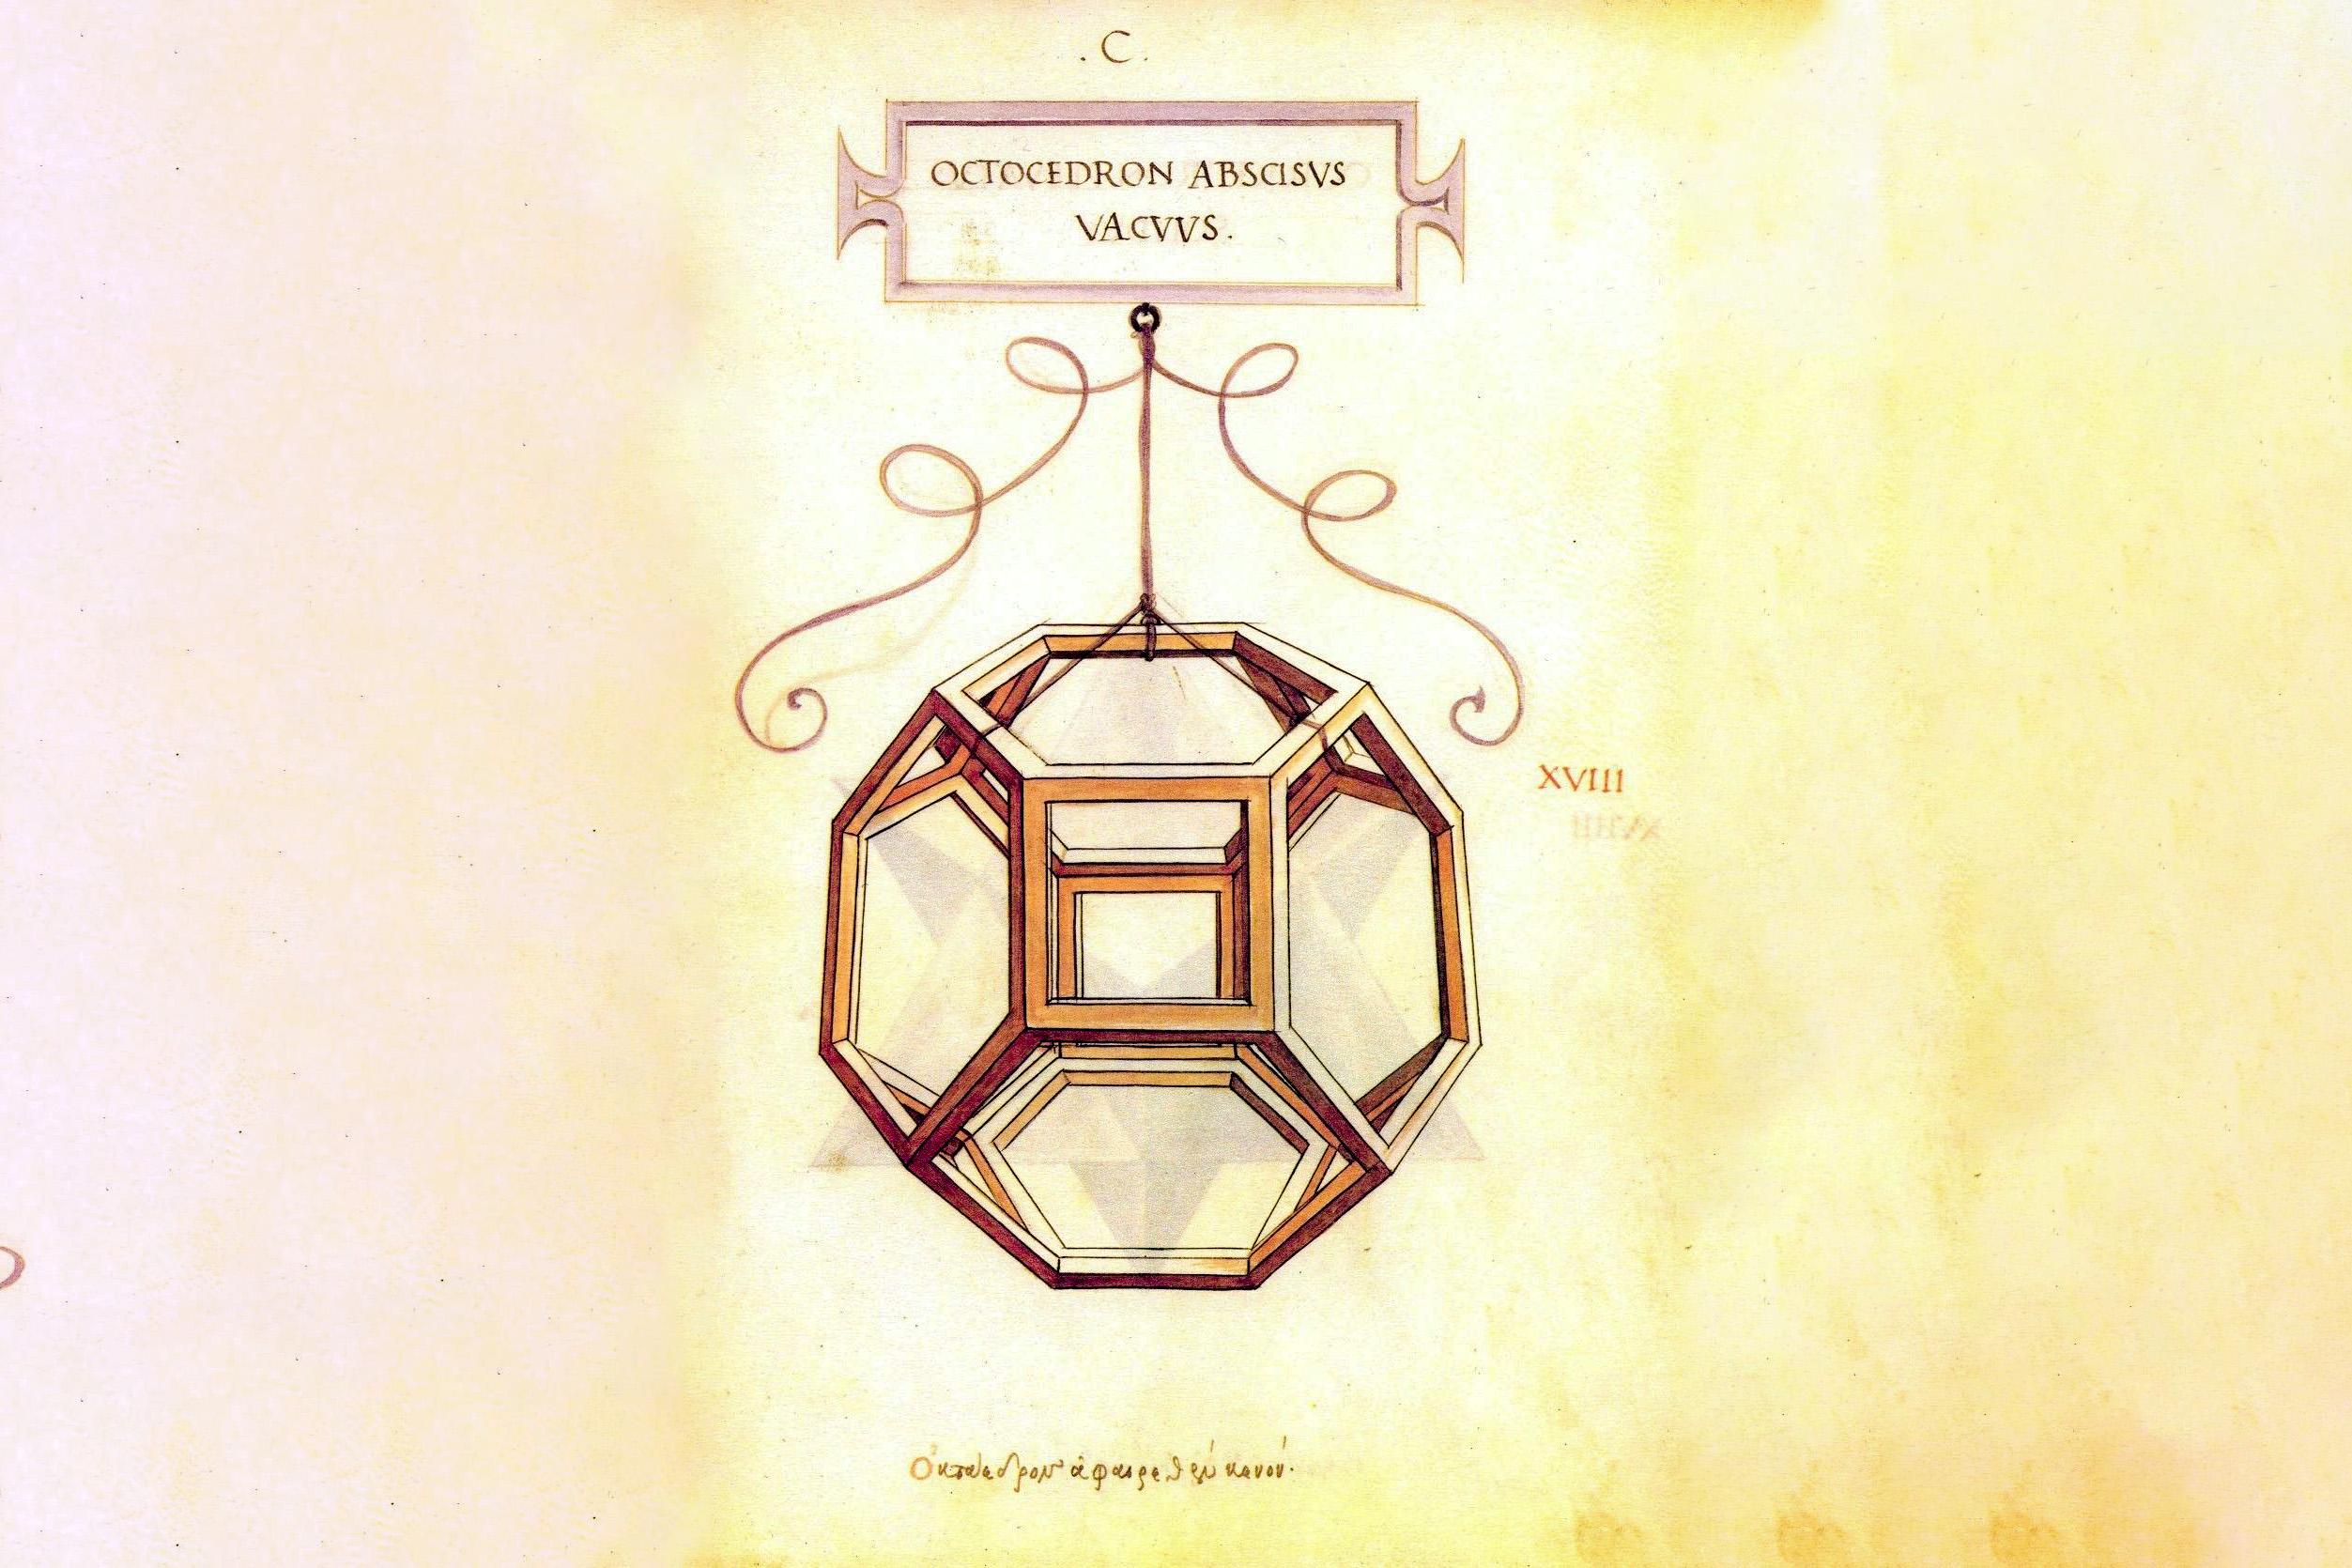 Ottaedro di Leonardo da Vinci per La divina proporzione di Luca Pacioli